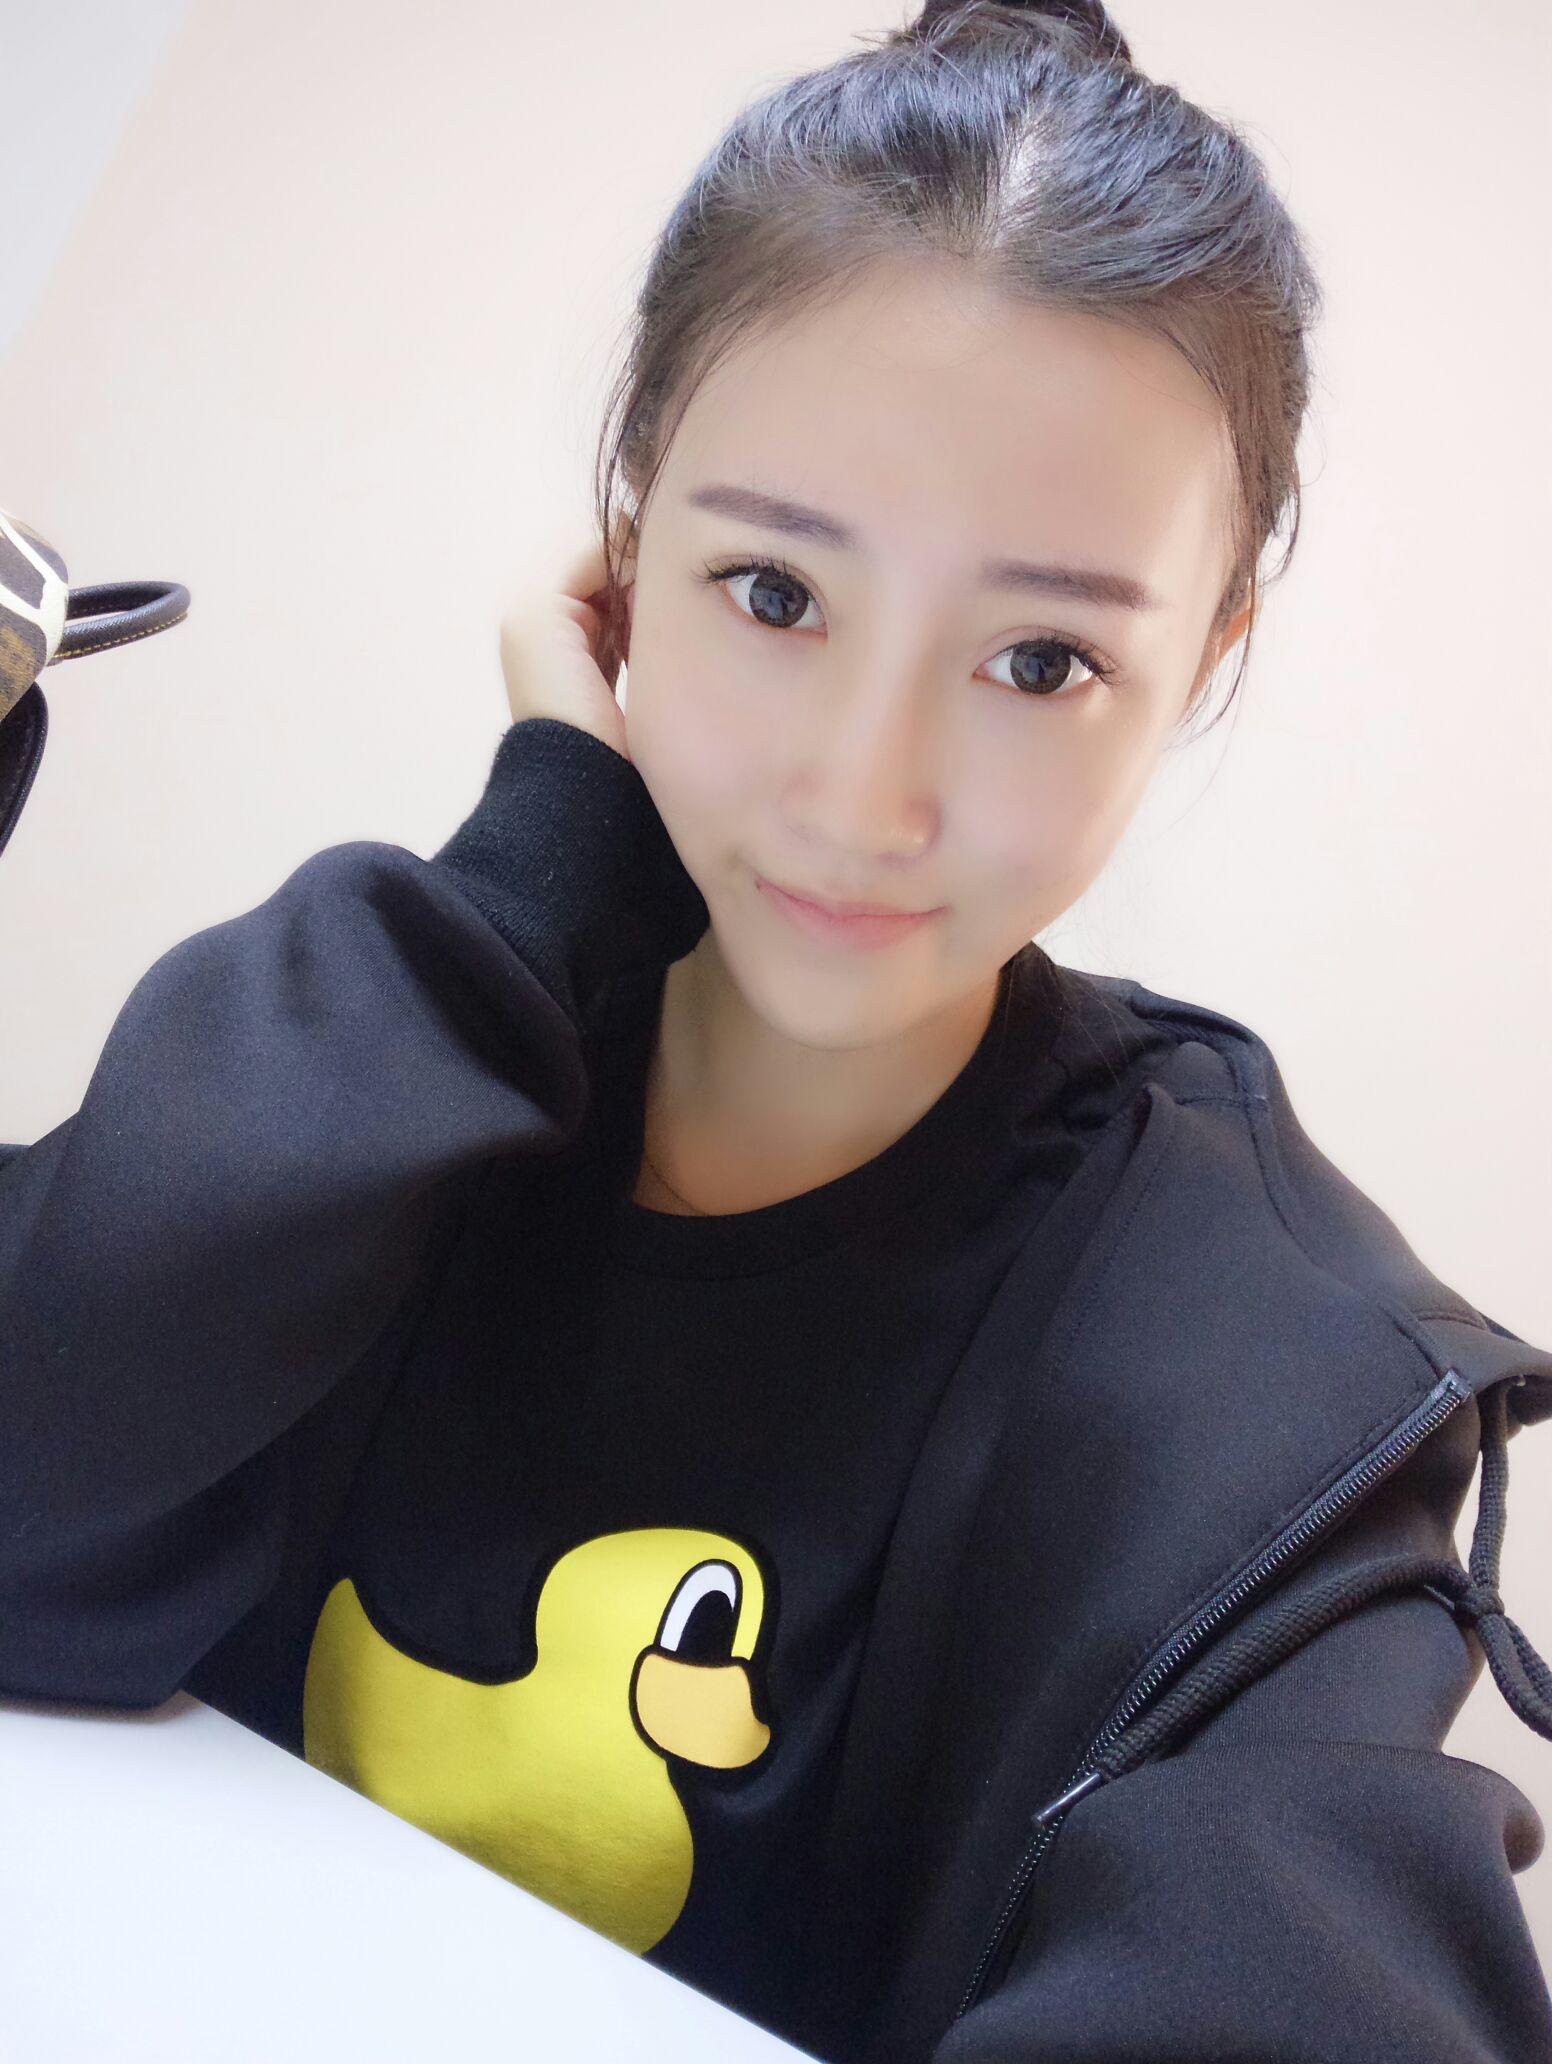 日本最大胆露阴部艺术�_最最大胆国模扒阴艺术-www.aihuow.xyz